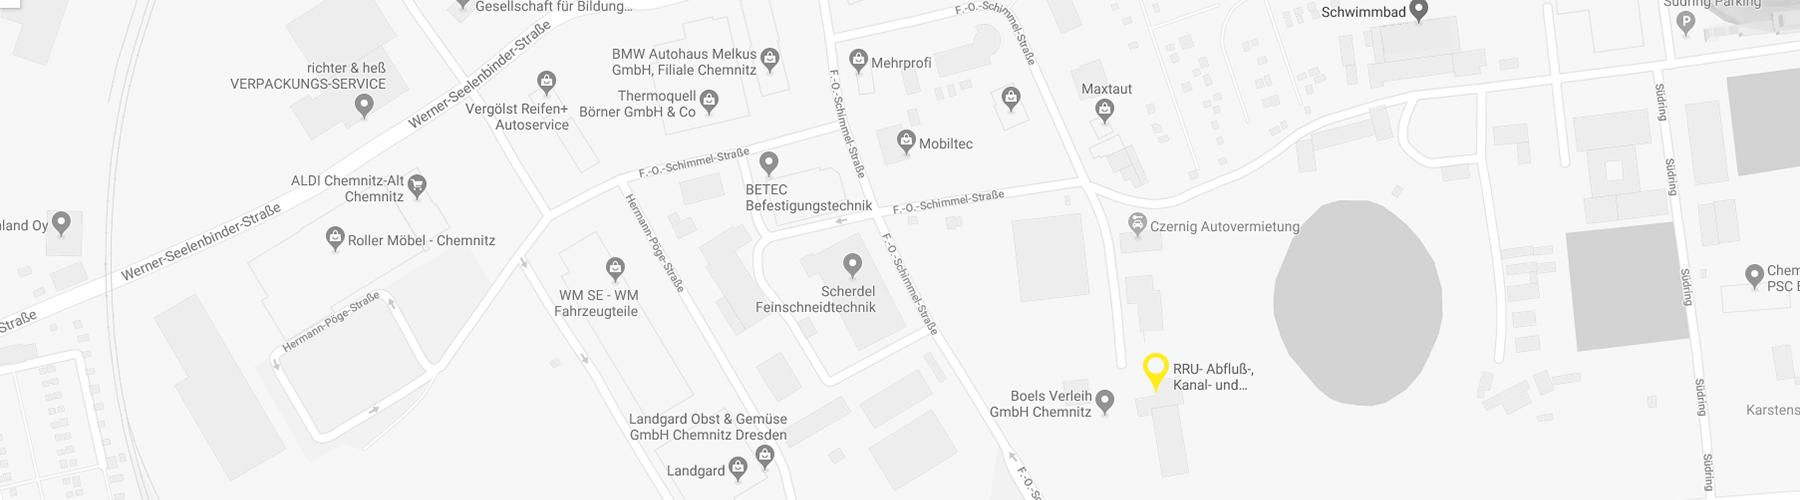 Kartenausschnitt zur Lage der RRU GmbH